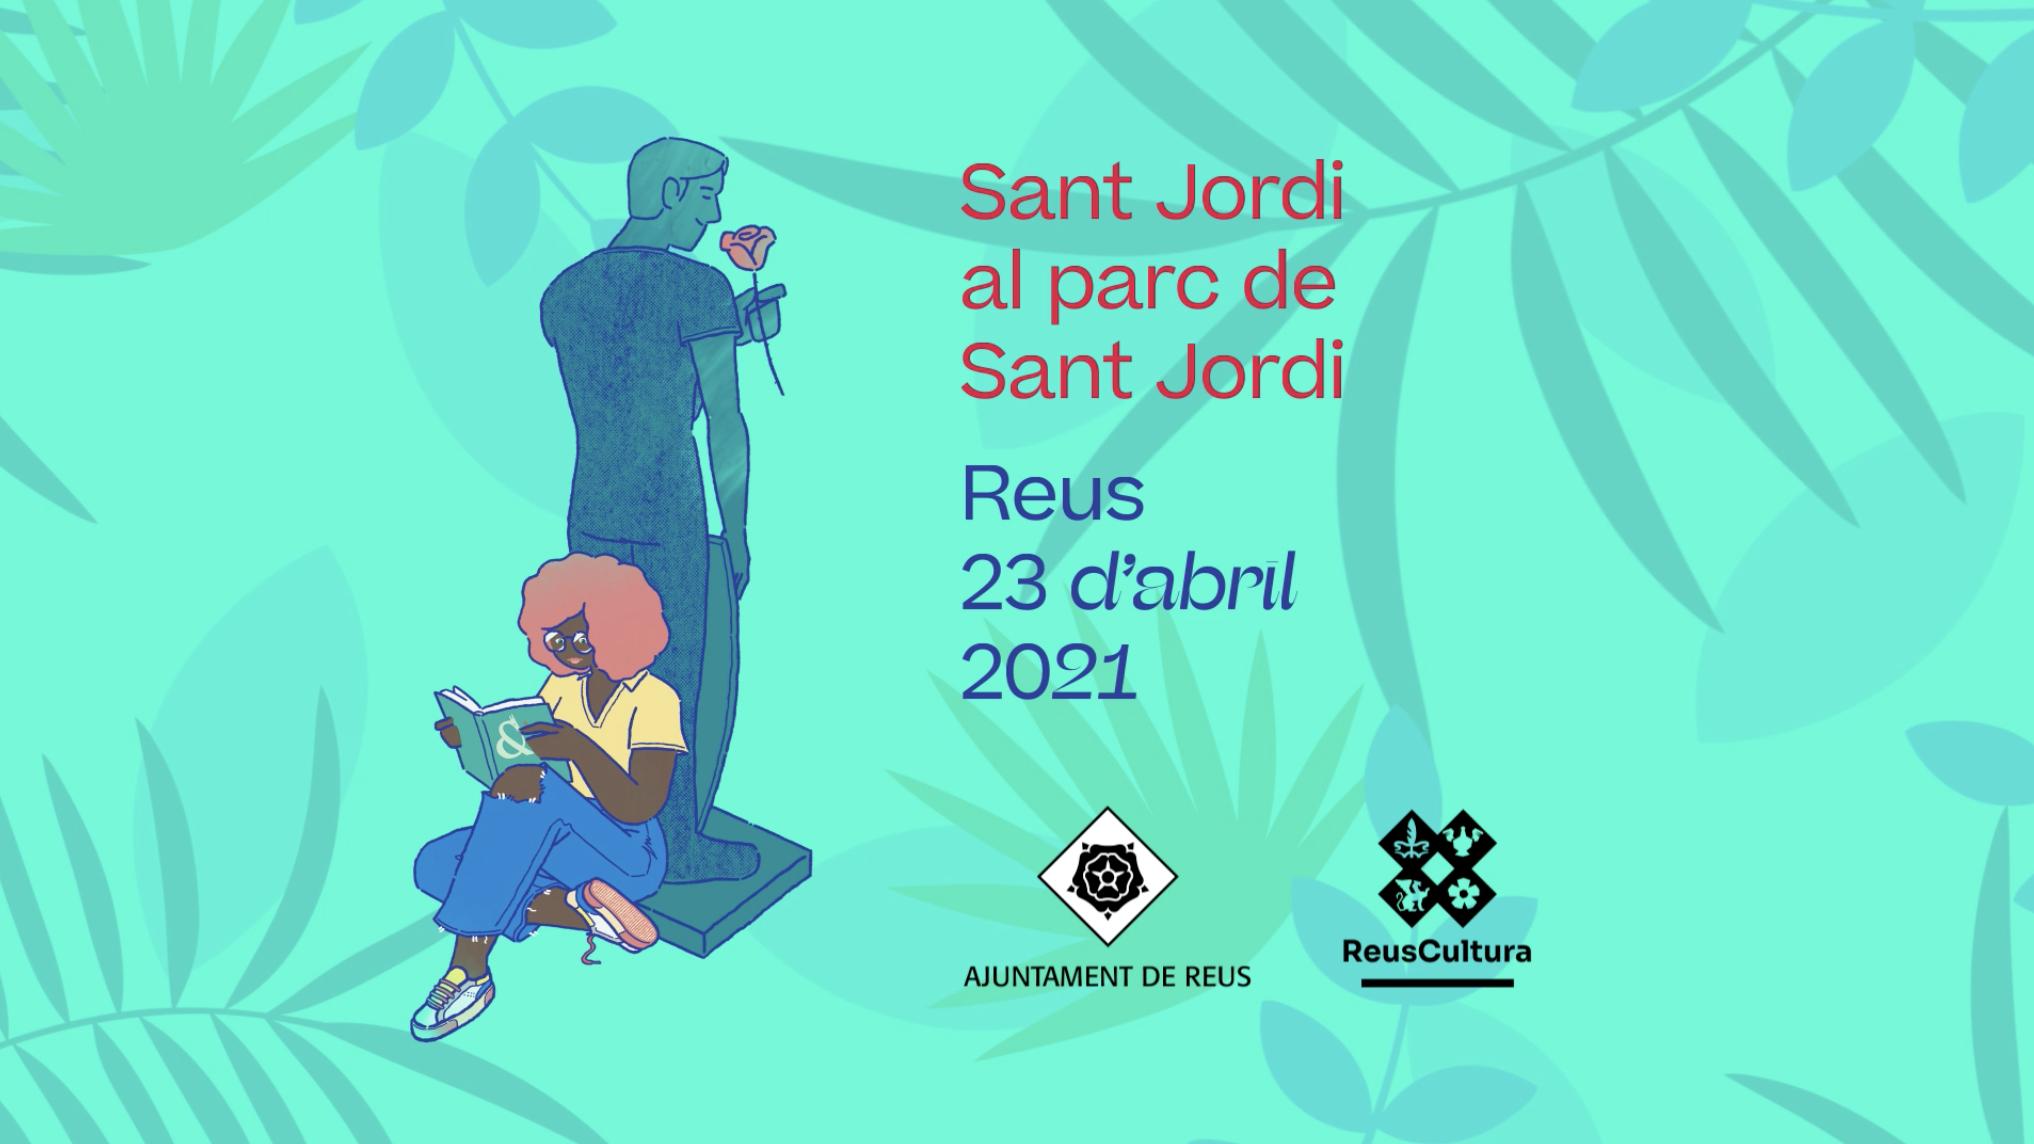 Autors signatura llibres Sant Jordi 2021